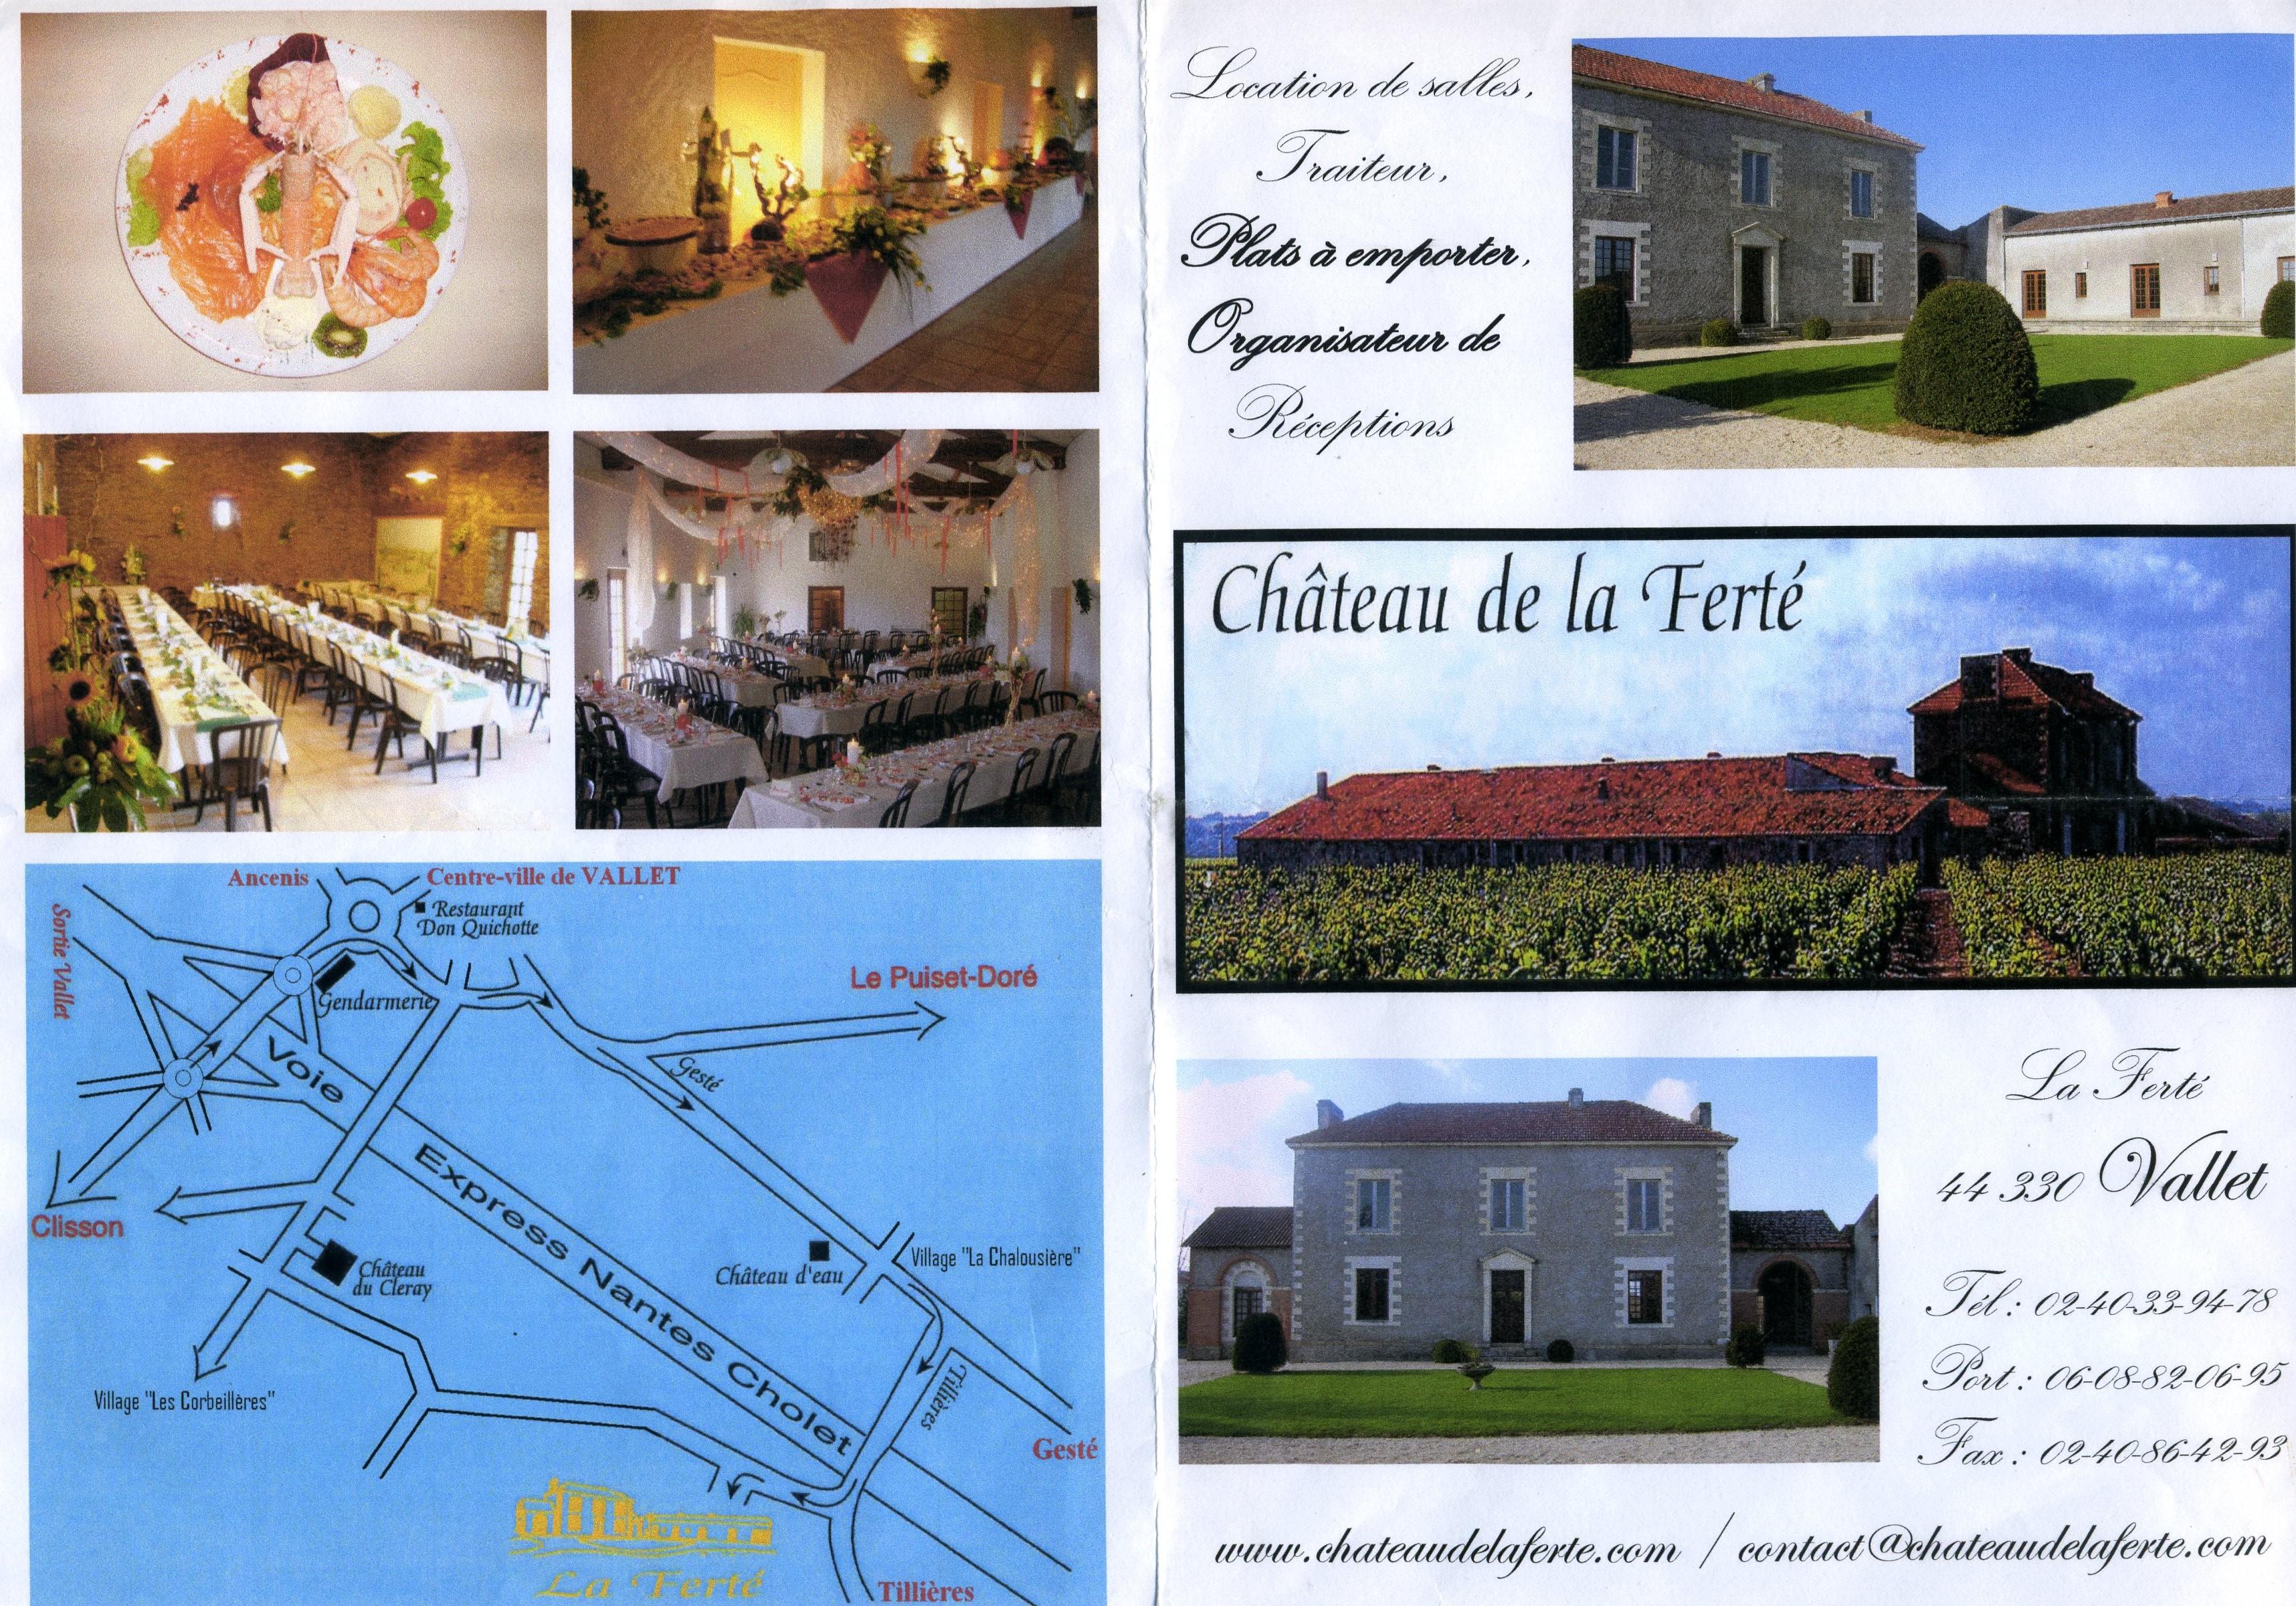 chateau de la ferte - Salle Mariage Vallet